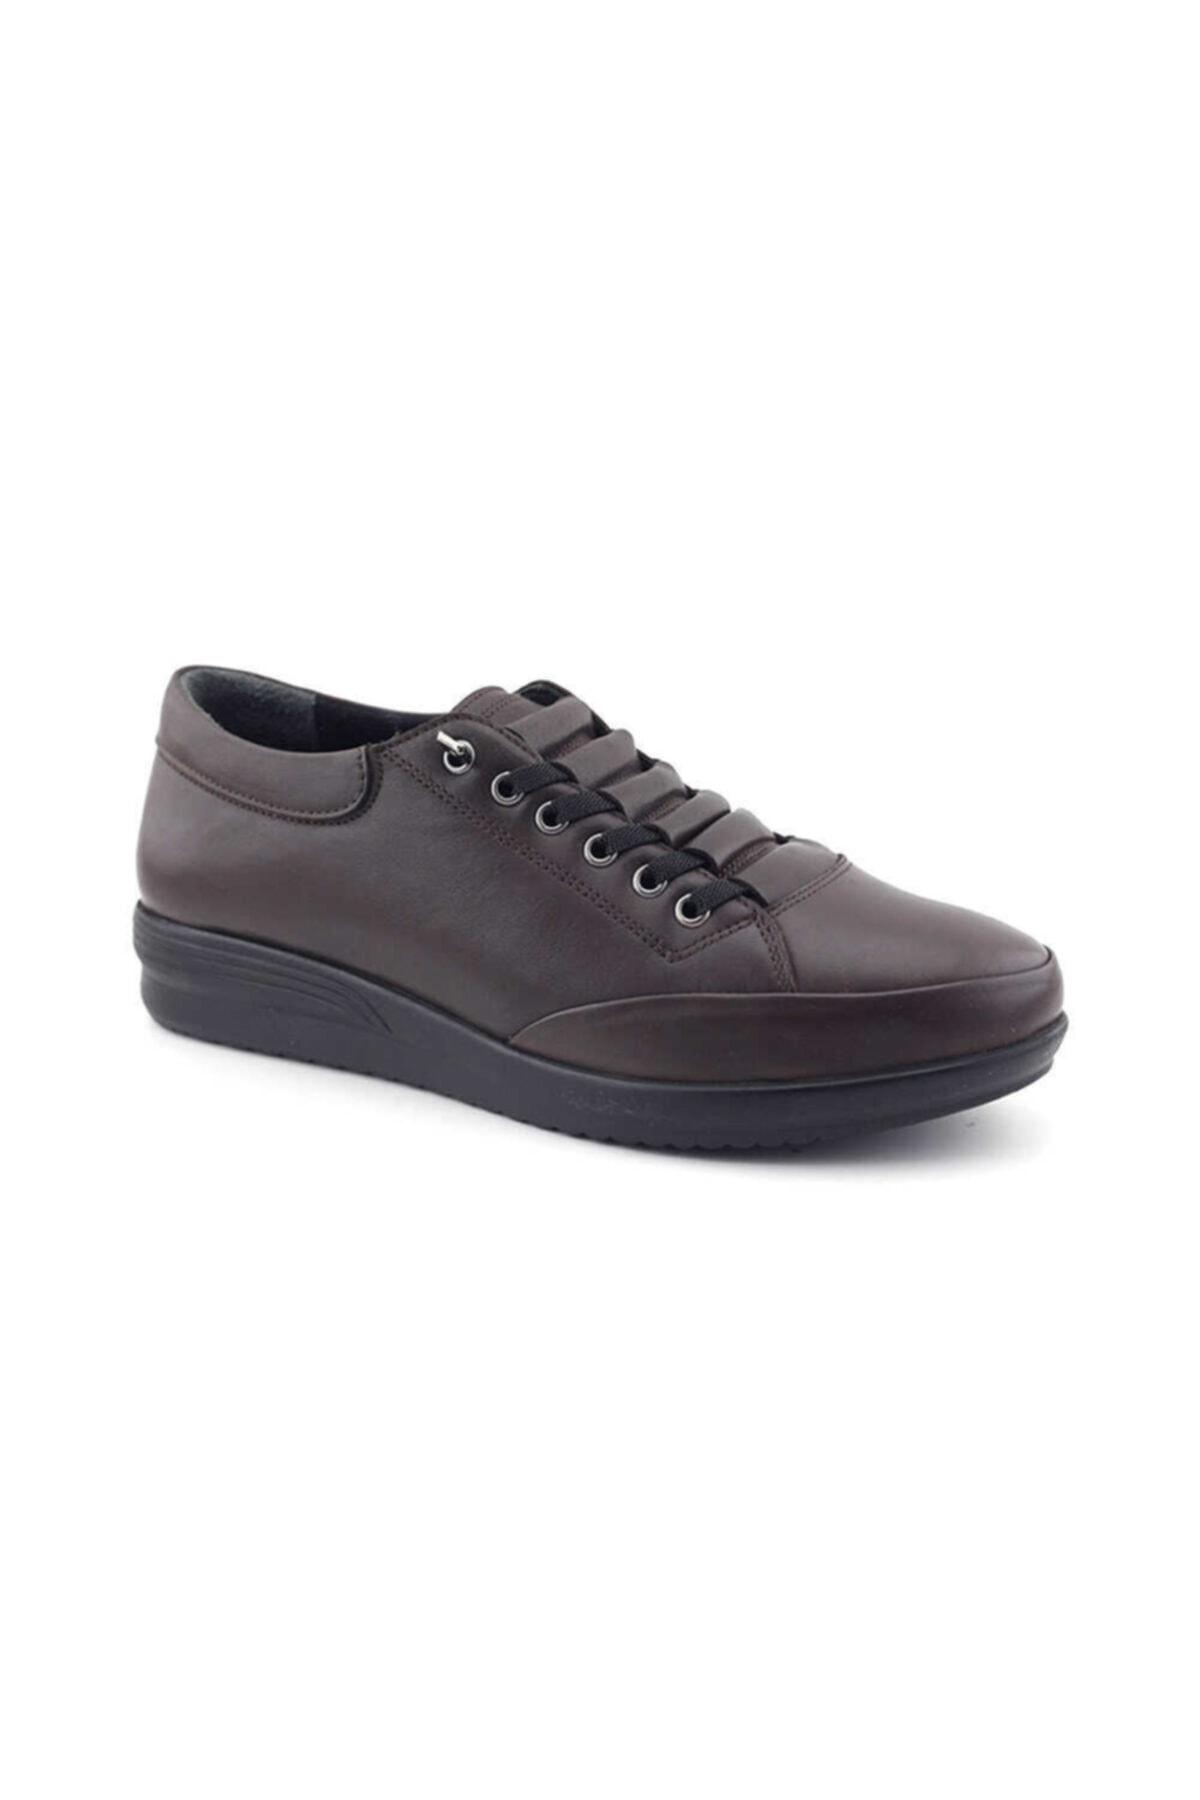 Kayra 05 Hakiki Deri Kadın Günlük Ayakkabı-kahverengi 2